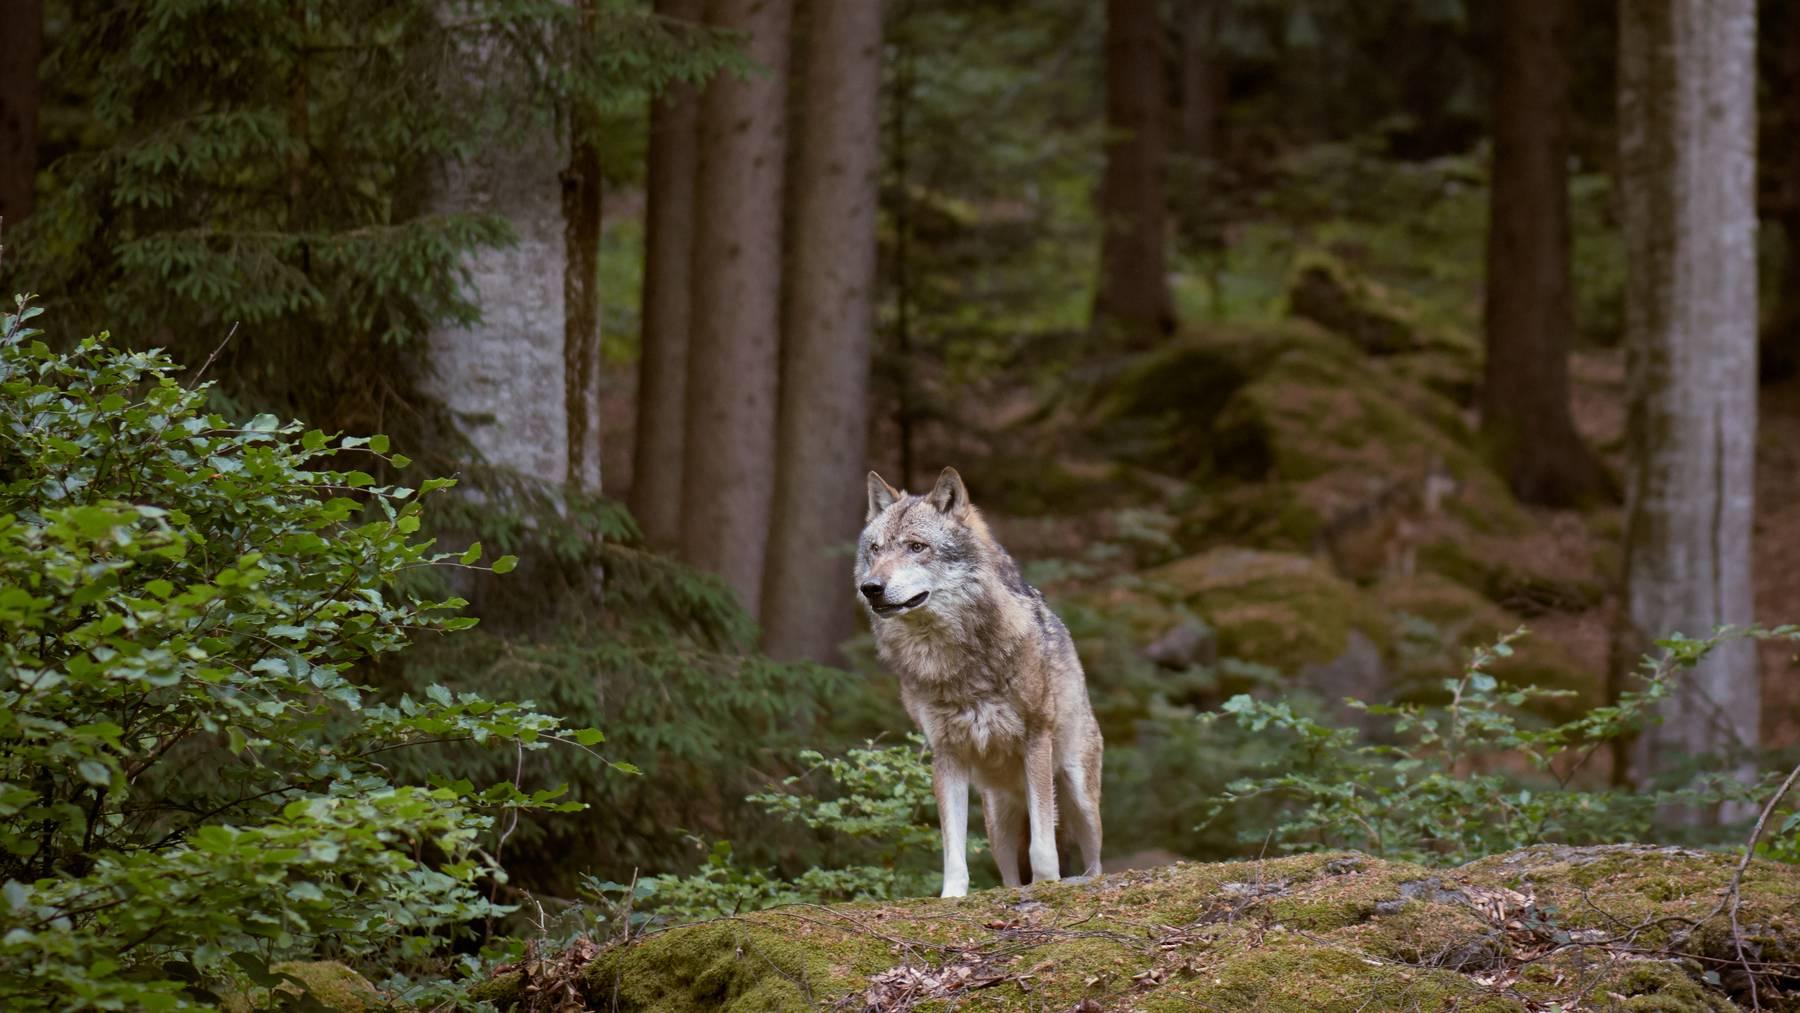 Die Jagdverwaltung des Kantons Appenzell Ausserrhoden geht von einem Wolfsriss aus. (Symbolbild)